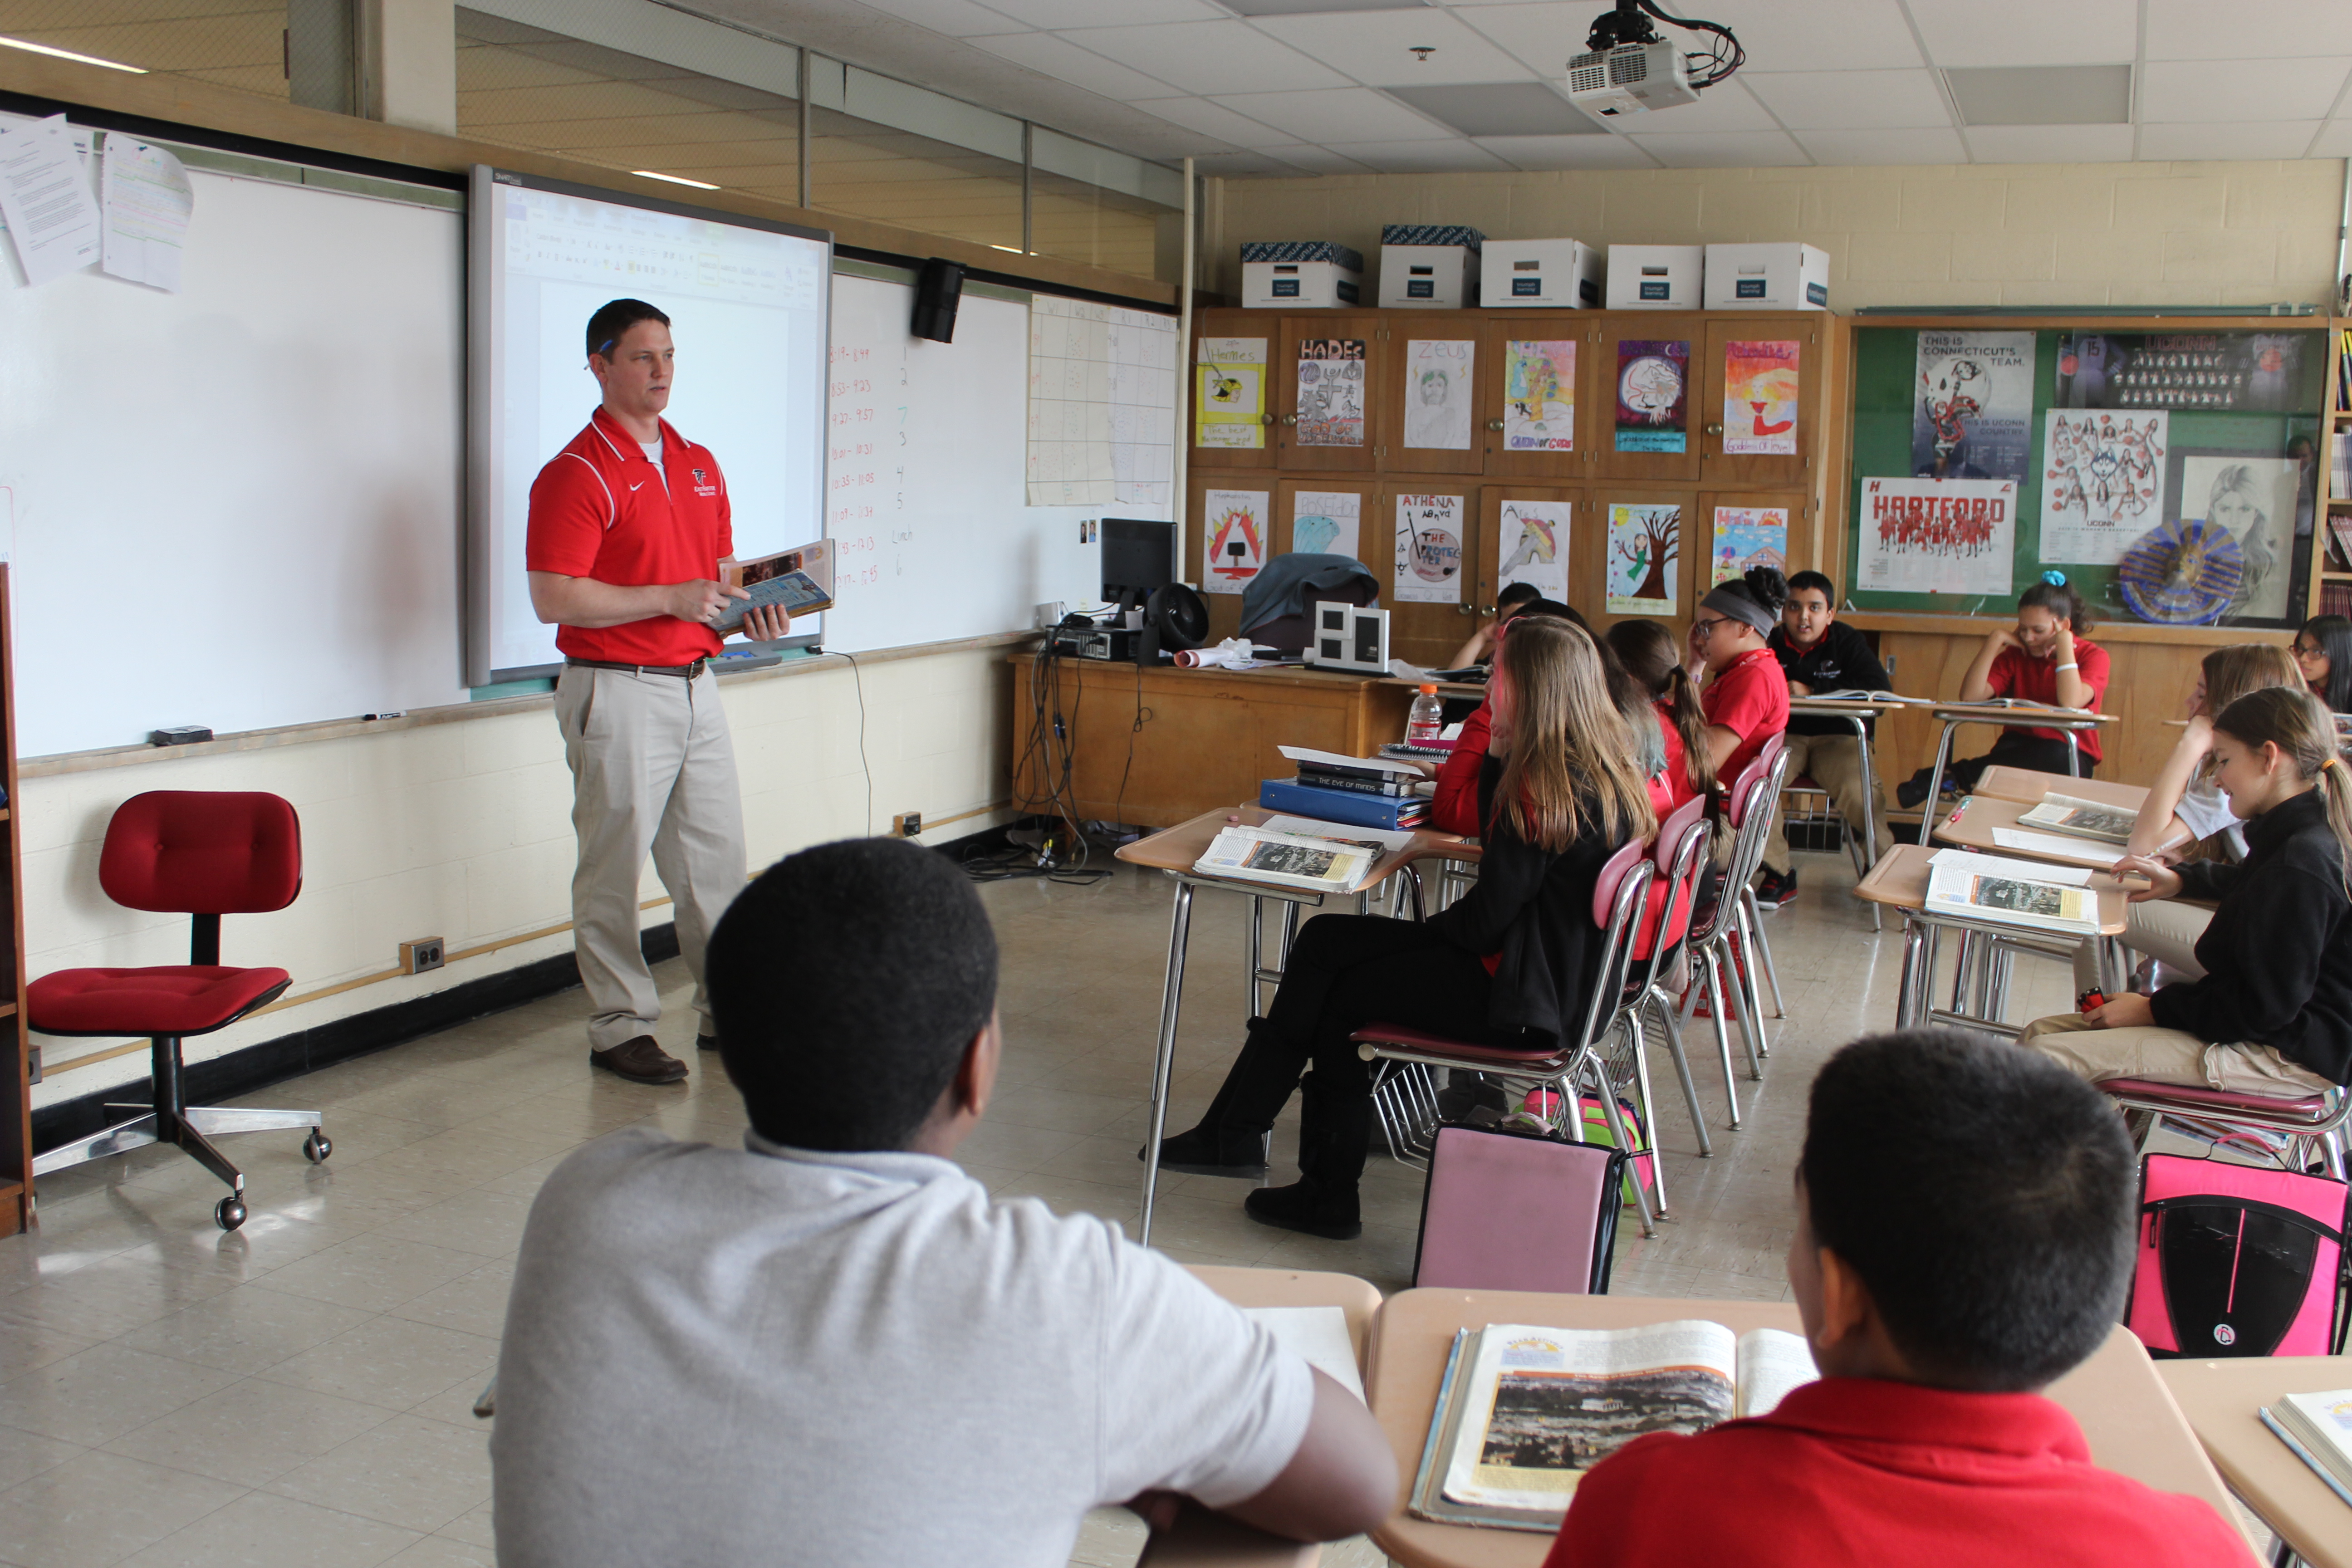 CT teacher evaluations headed for an overhaul